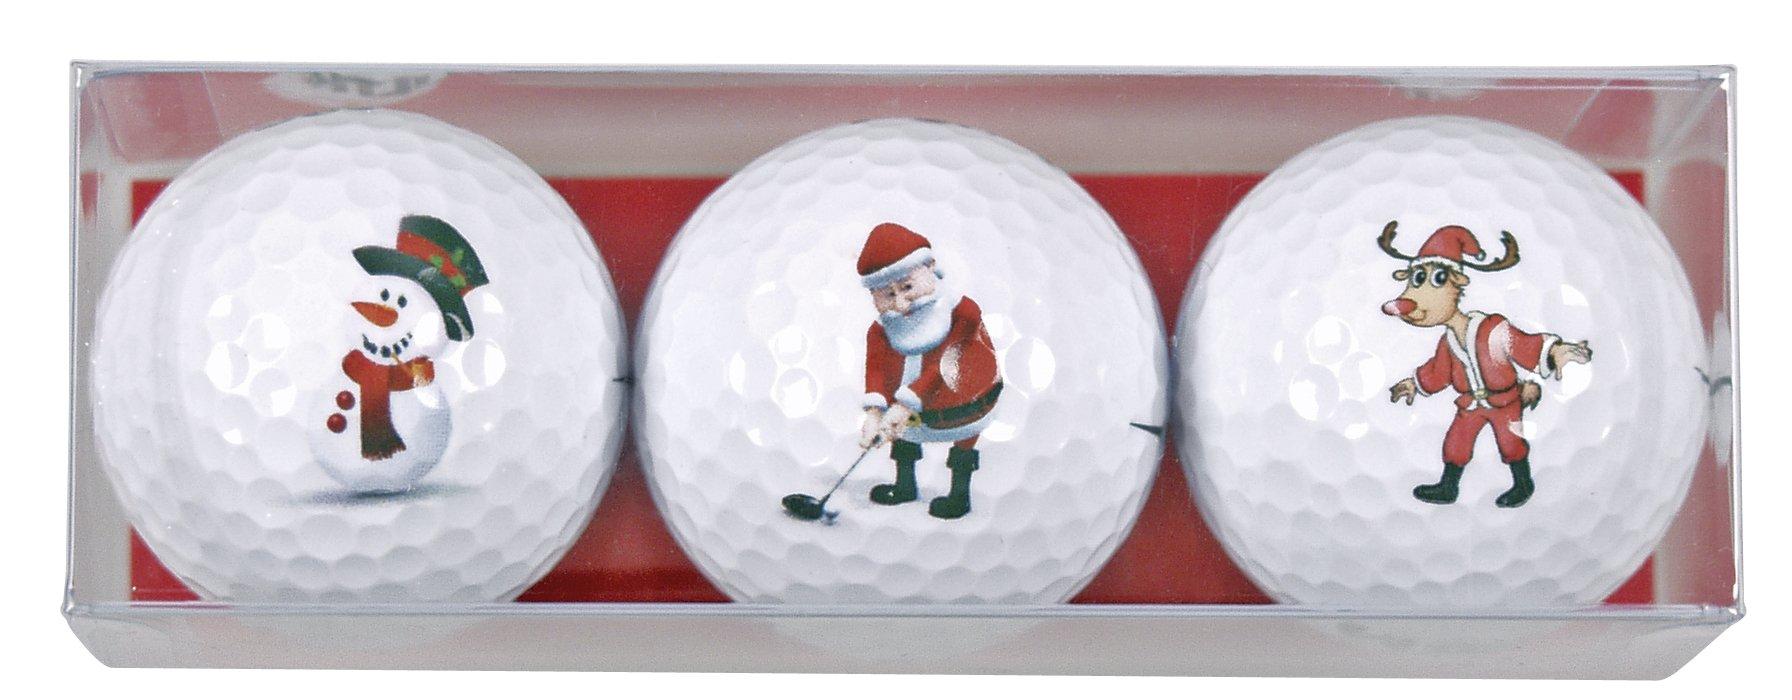 3 pelotas de golf con motivos navideños Niklaus golfista: Amazon ...